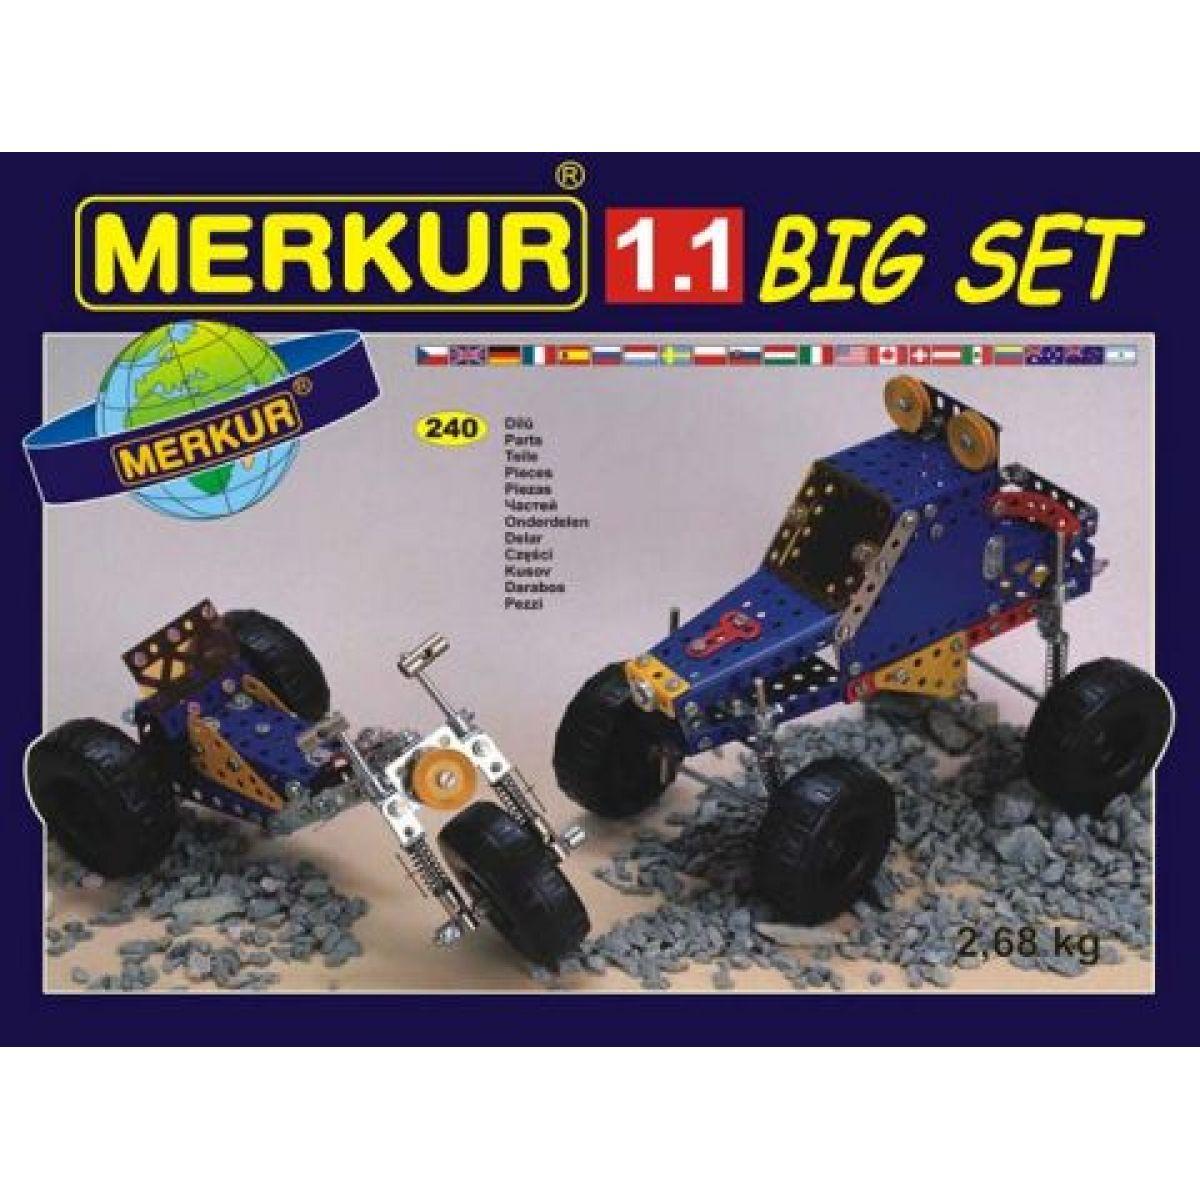 Merkur 1.1 Vozidla